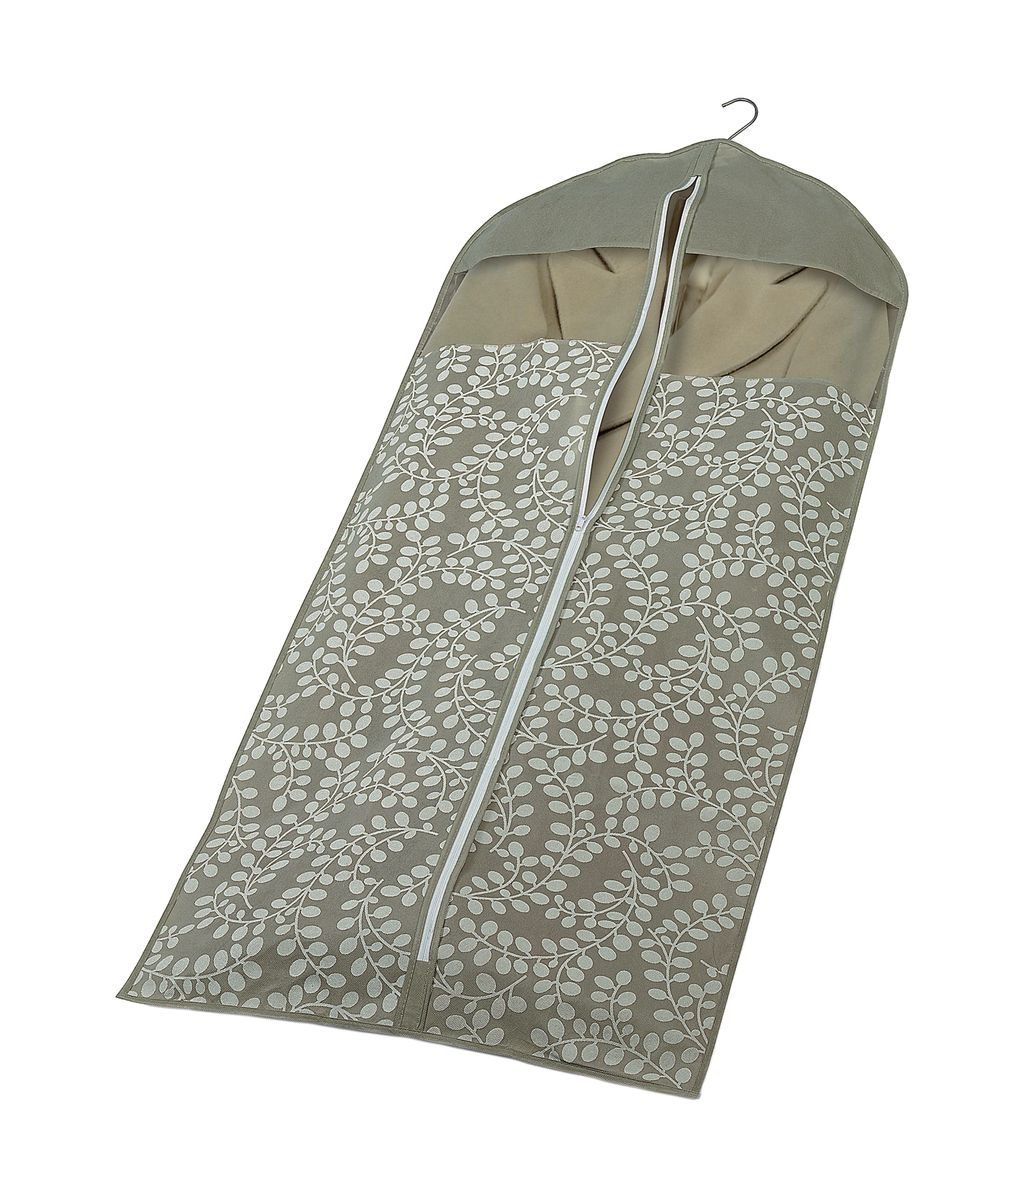 """Легкий чехол Cosatto """"Флораль"""" выполнен из дышащего нетканого материала (полипропилен), безопасного в использовании. Чехол предназначен для хранения габаритной верхней одежды. Имеет два прозрачных окна, замок и специальное отверстие для крючка вешалки. Материал можно протирать в случае загрязнения влажной салфеткой или тряпкой. Надежно защищает от пыли, моли, солнечных лучей и загрязнения."""